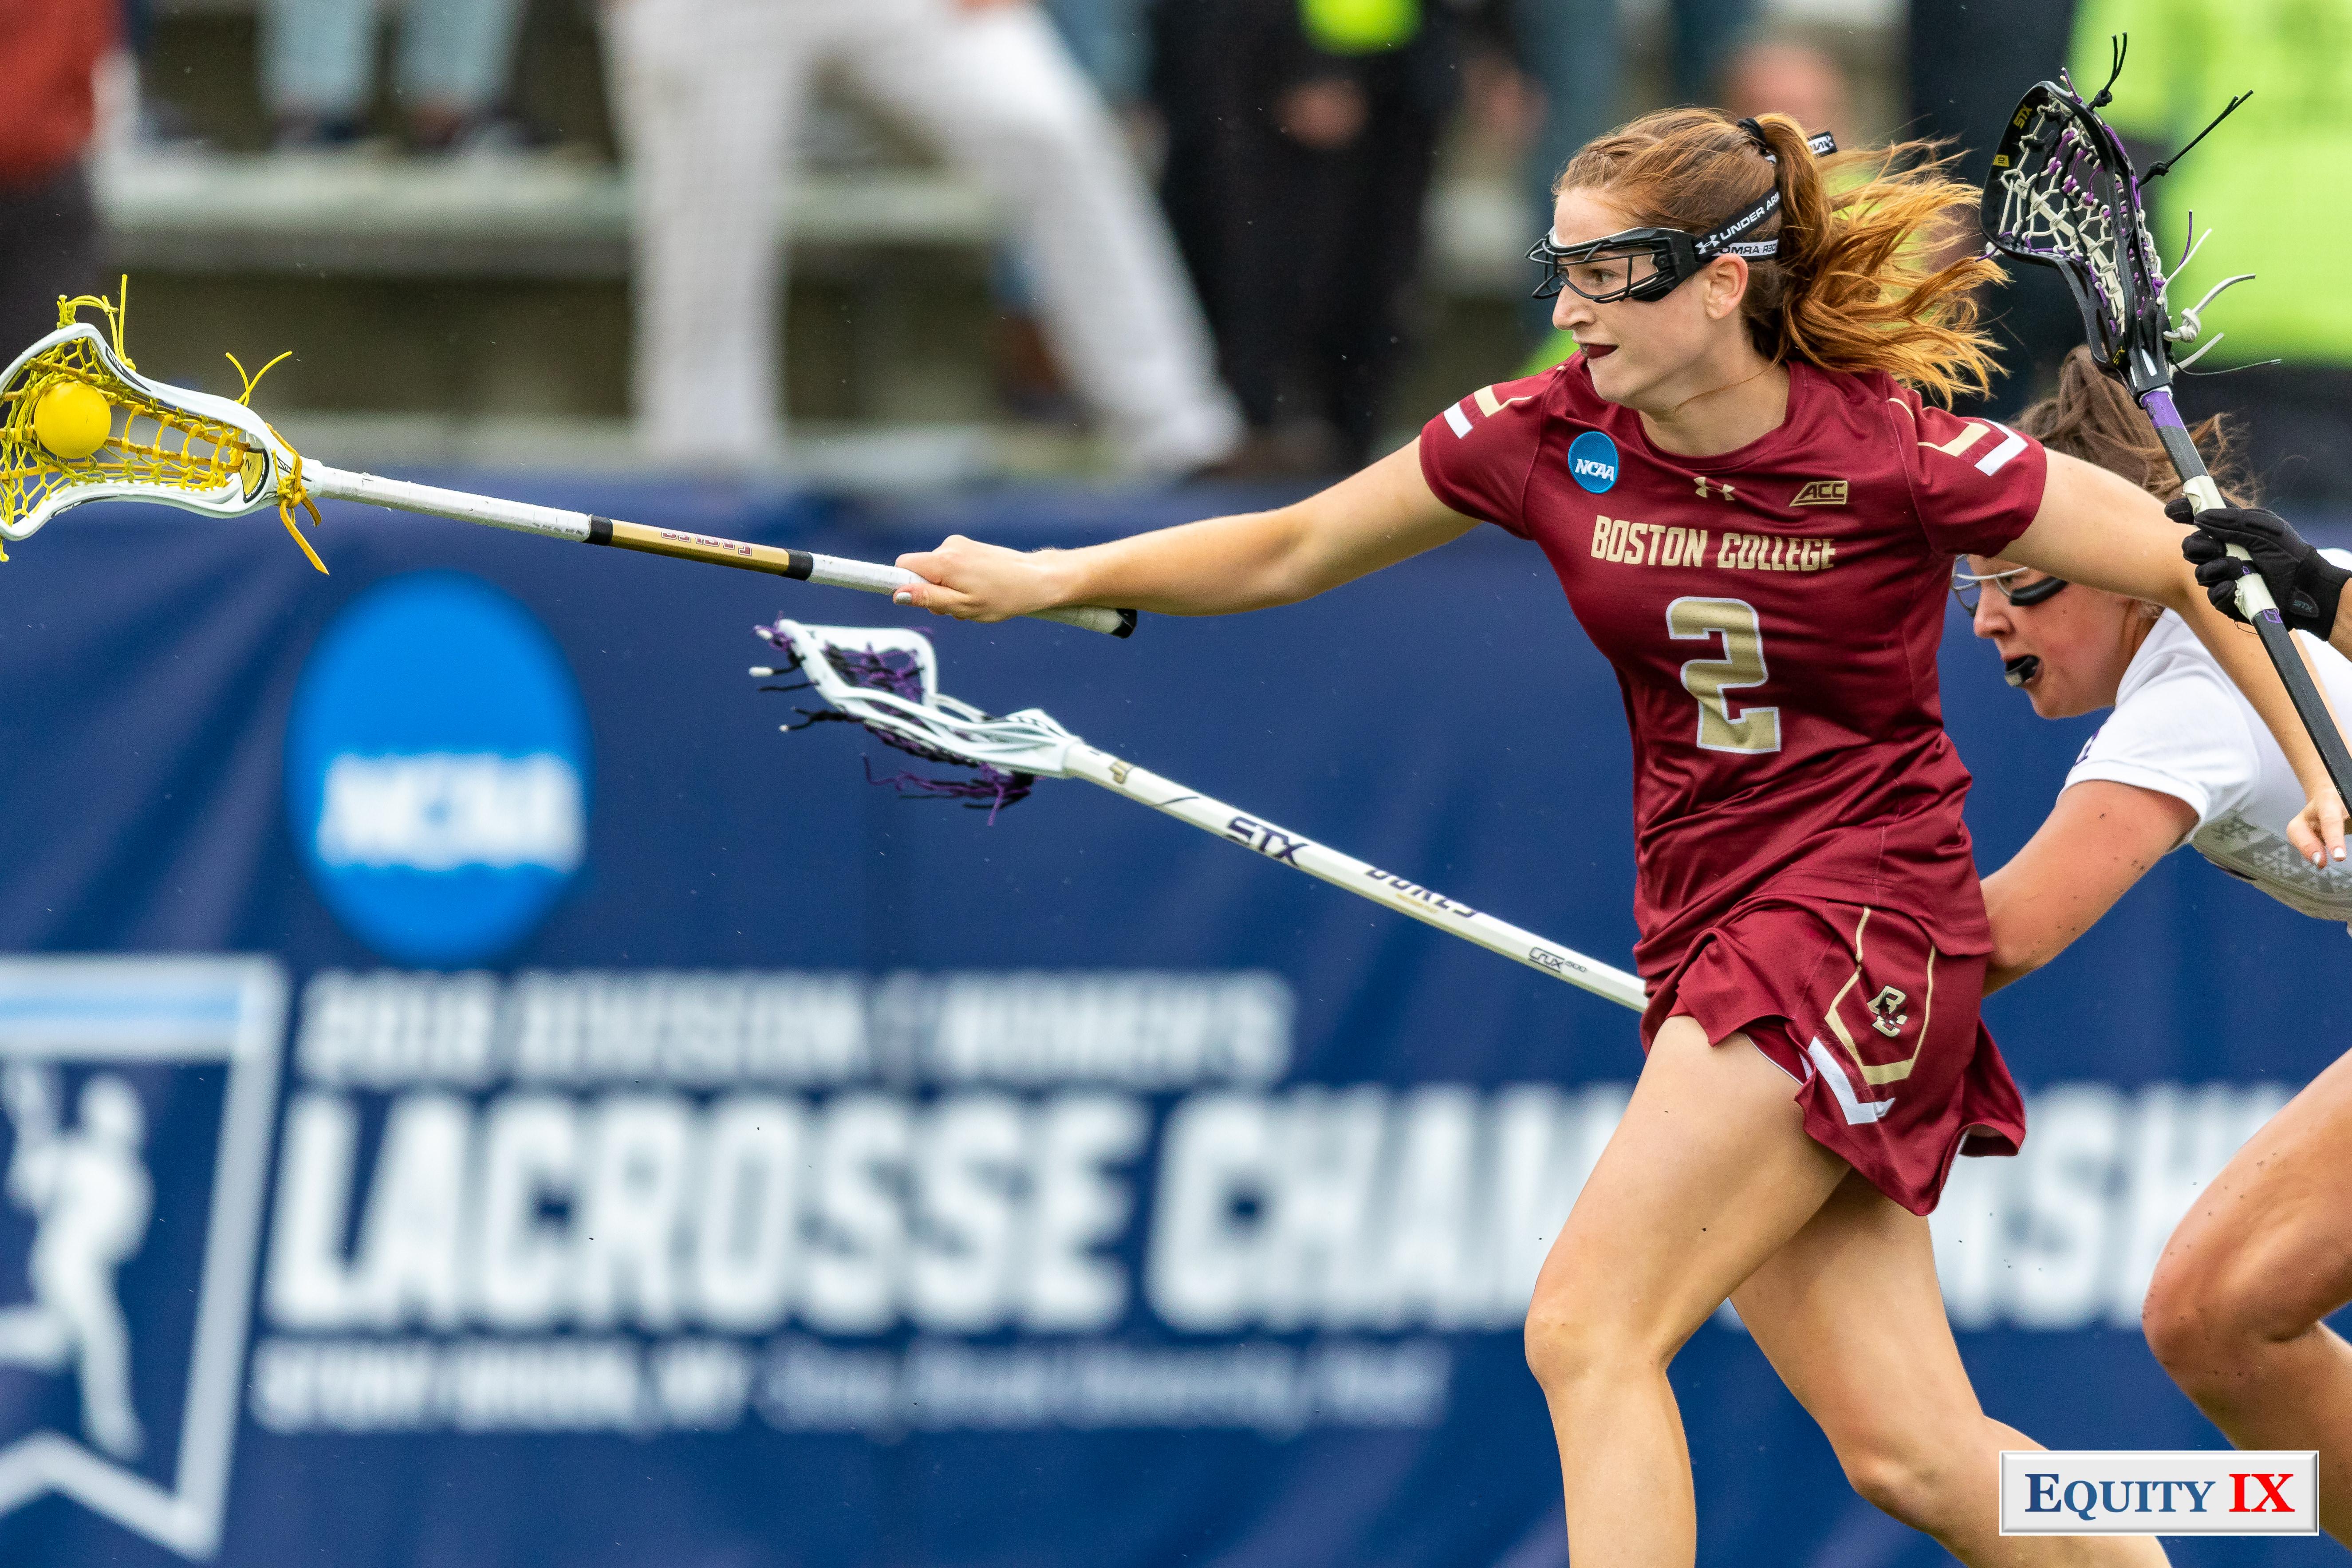 Sam Apuzzo - Boston College - 2018 NCAA Women's Lacrosse Championship